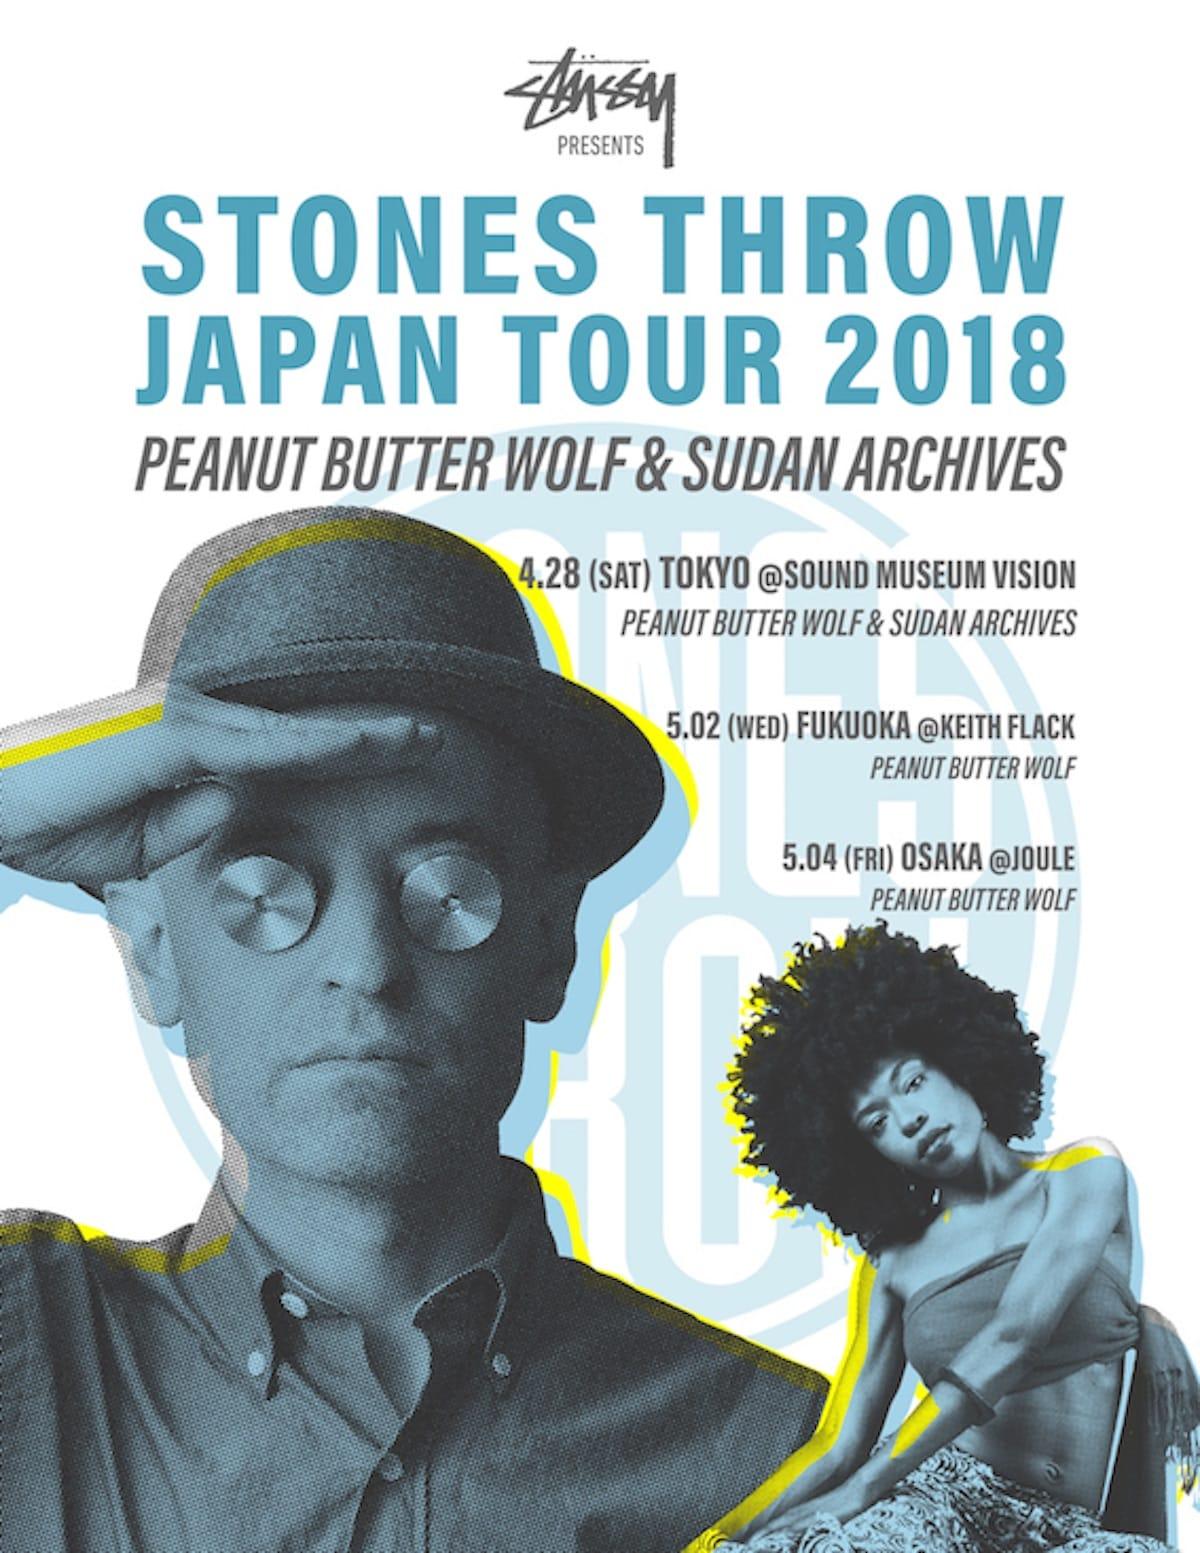 奇才スーダン・アーカイブスが新曲リリース&〈Stones Throw〉とStüssyのショーケースで初来日決定! music18041_sudanarchives_5-1-1200x1553